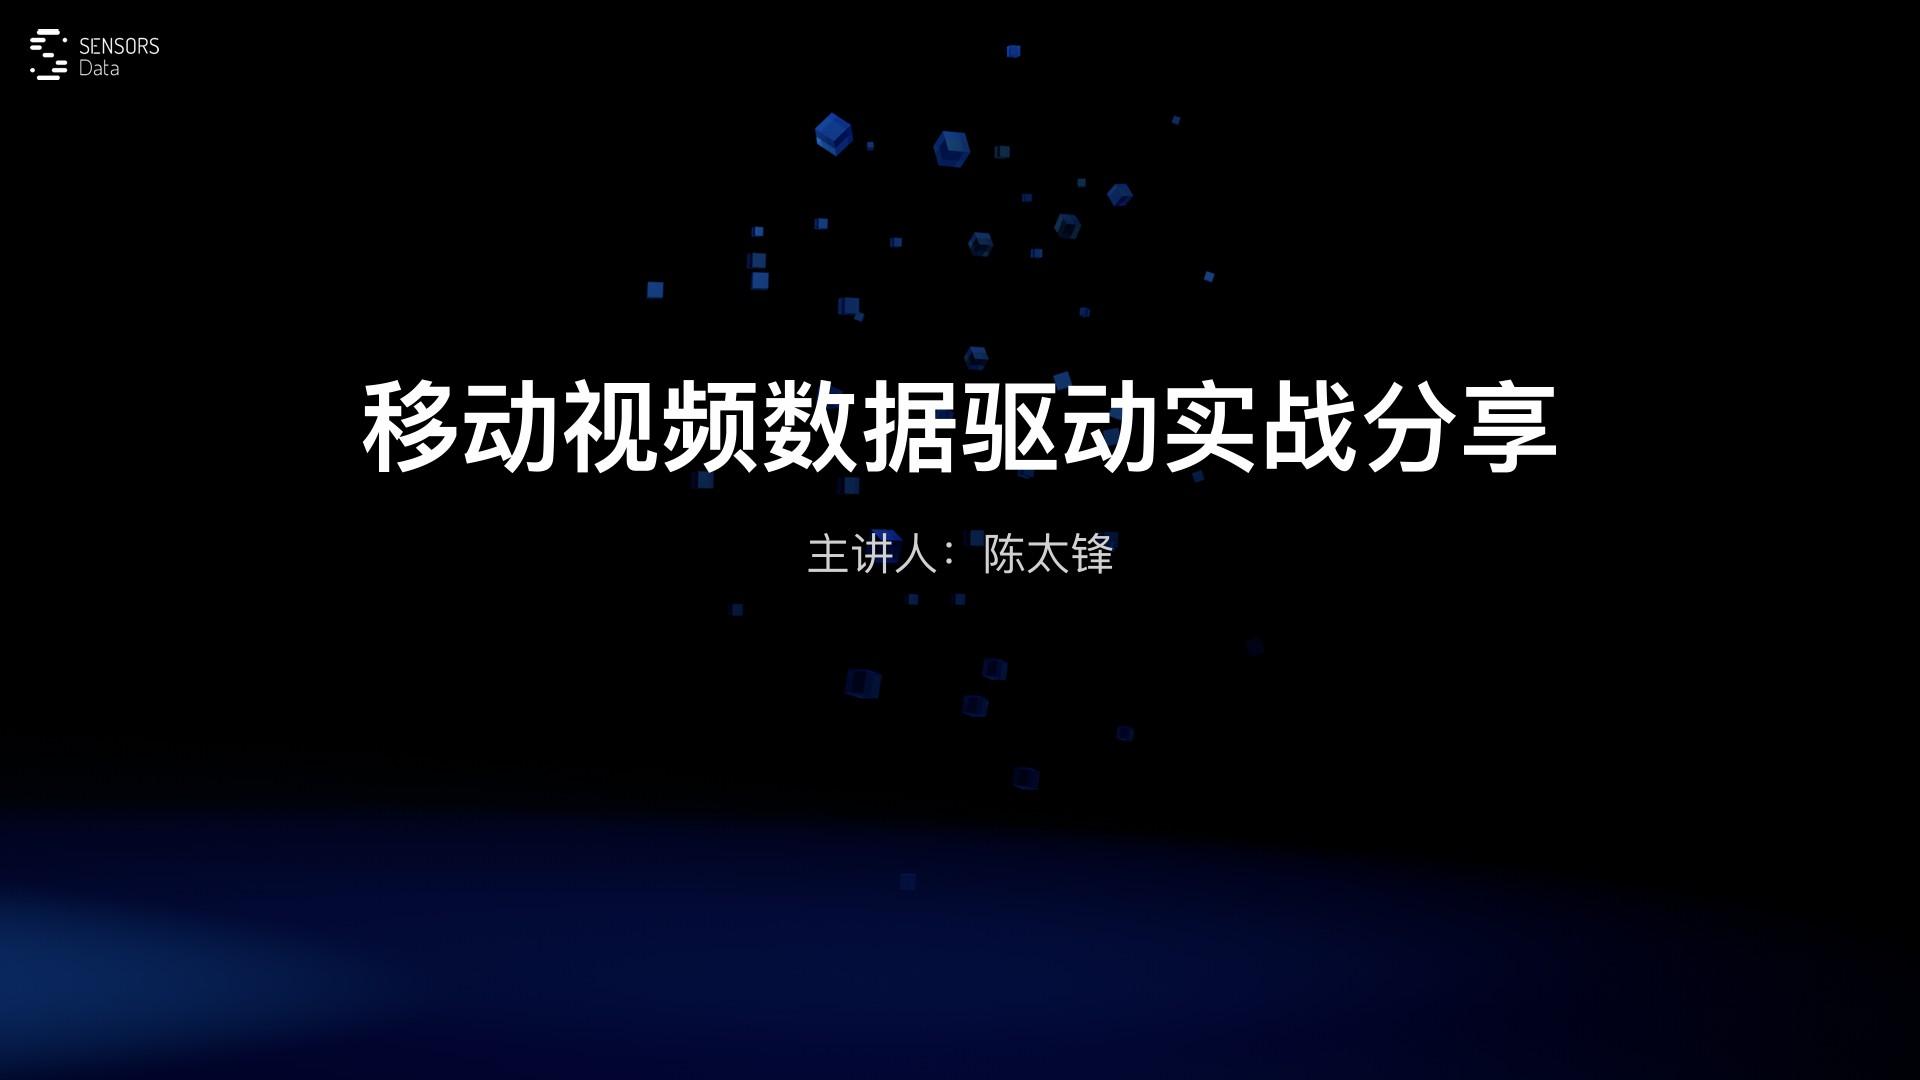 陈太锋-秒拍 移动视频数据驱动实战